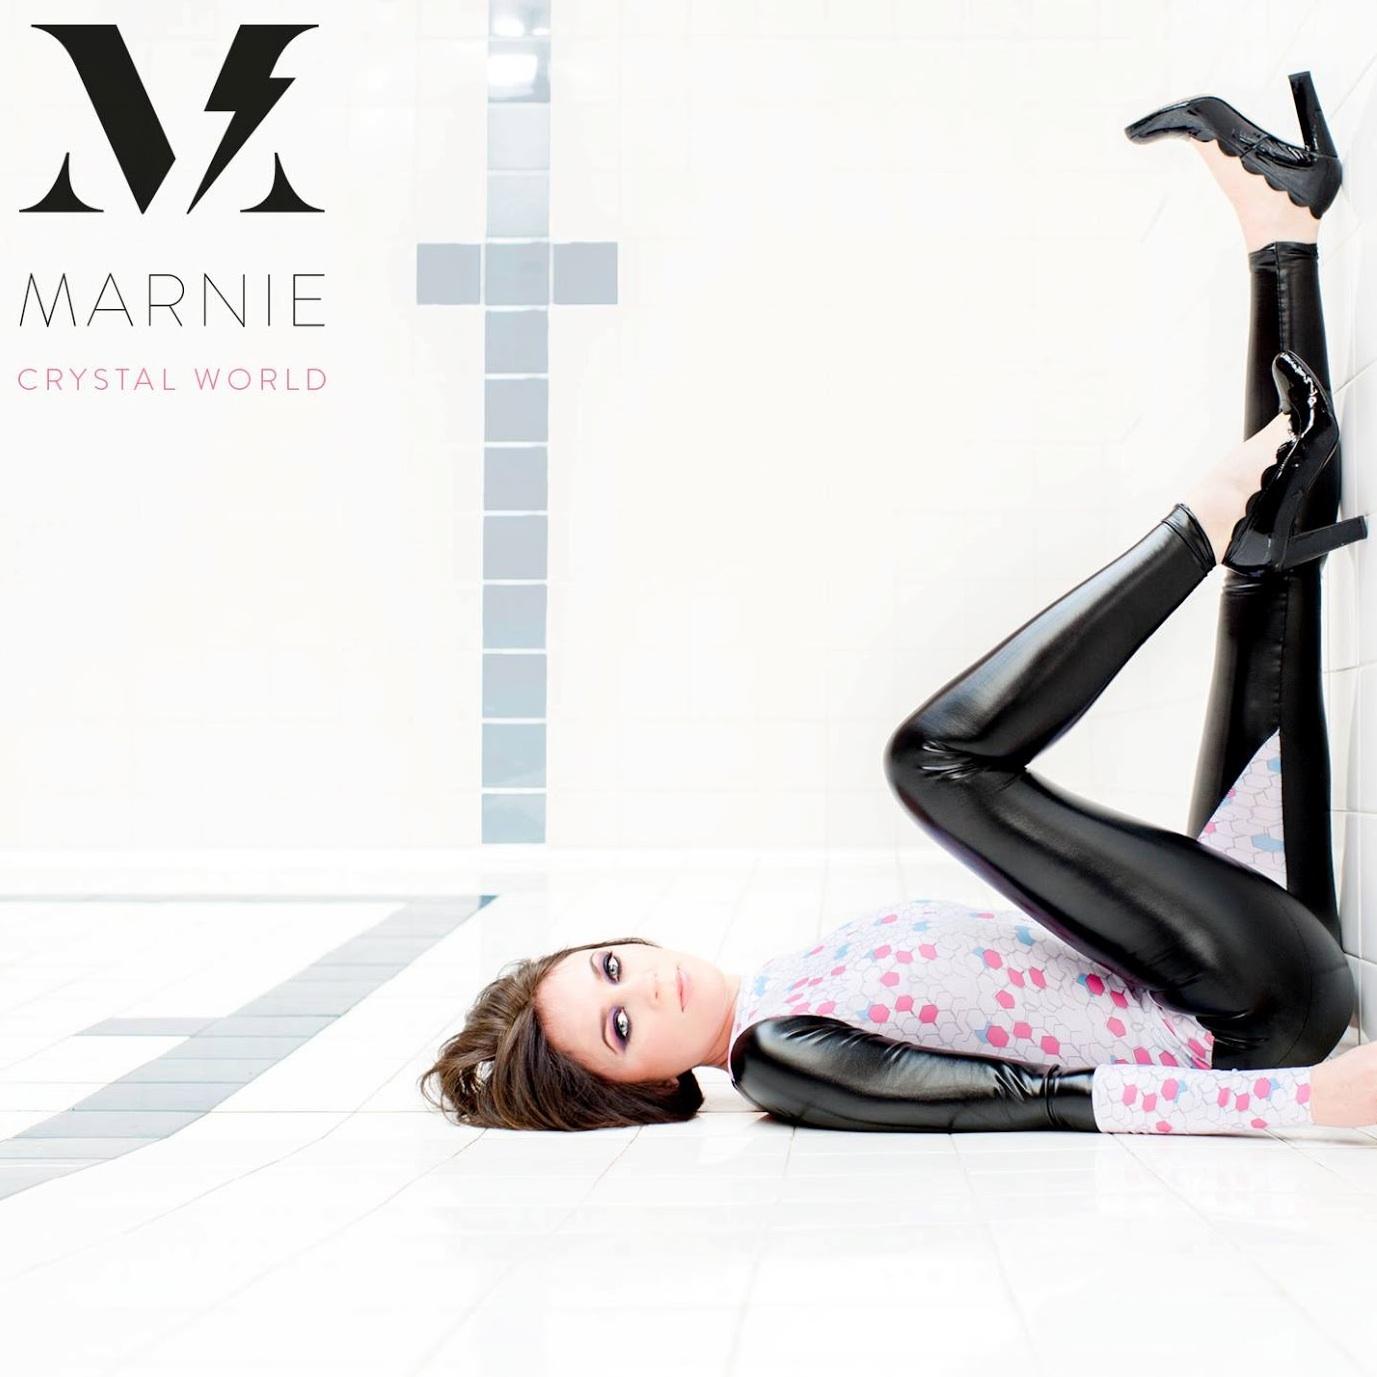 Marnie-Crystal-Worldcr